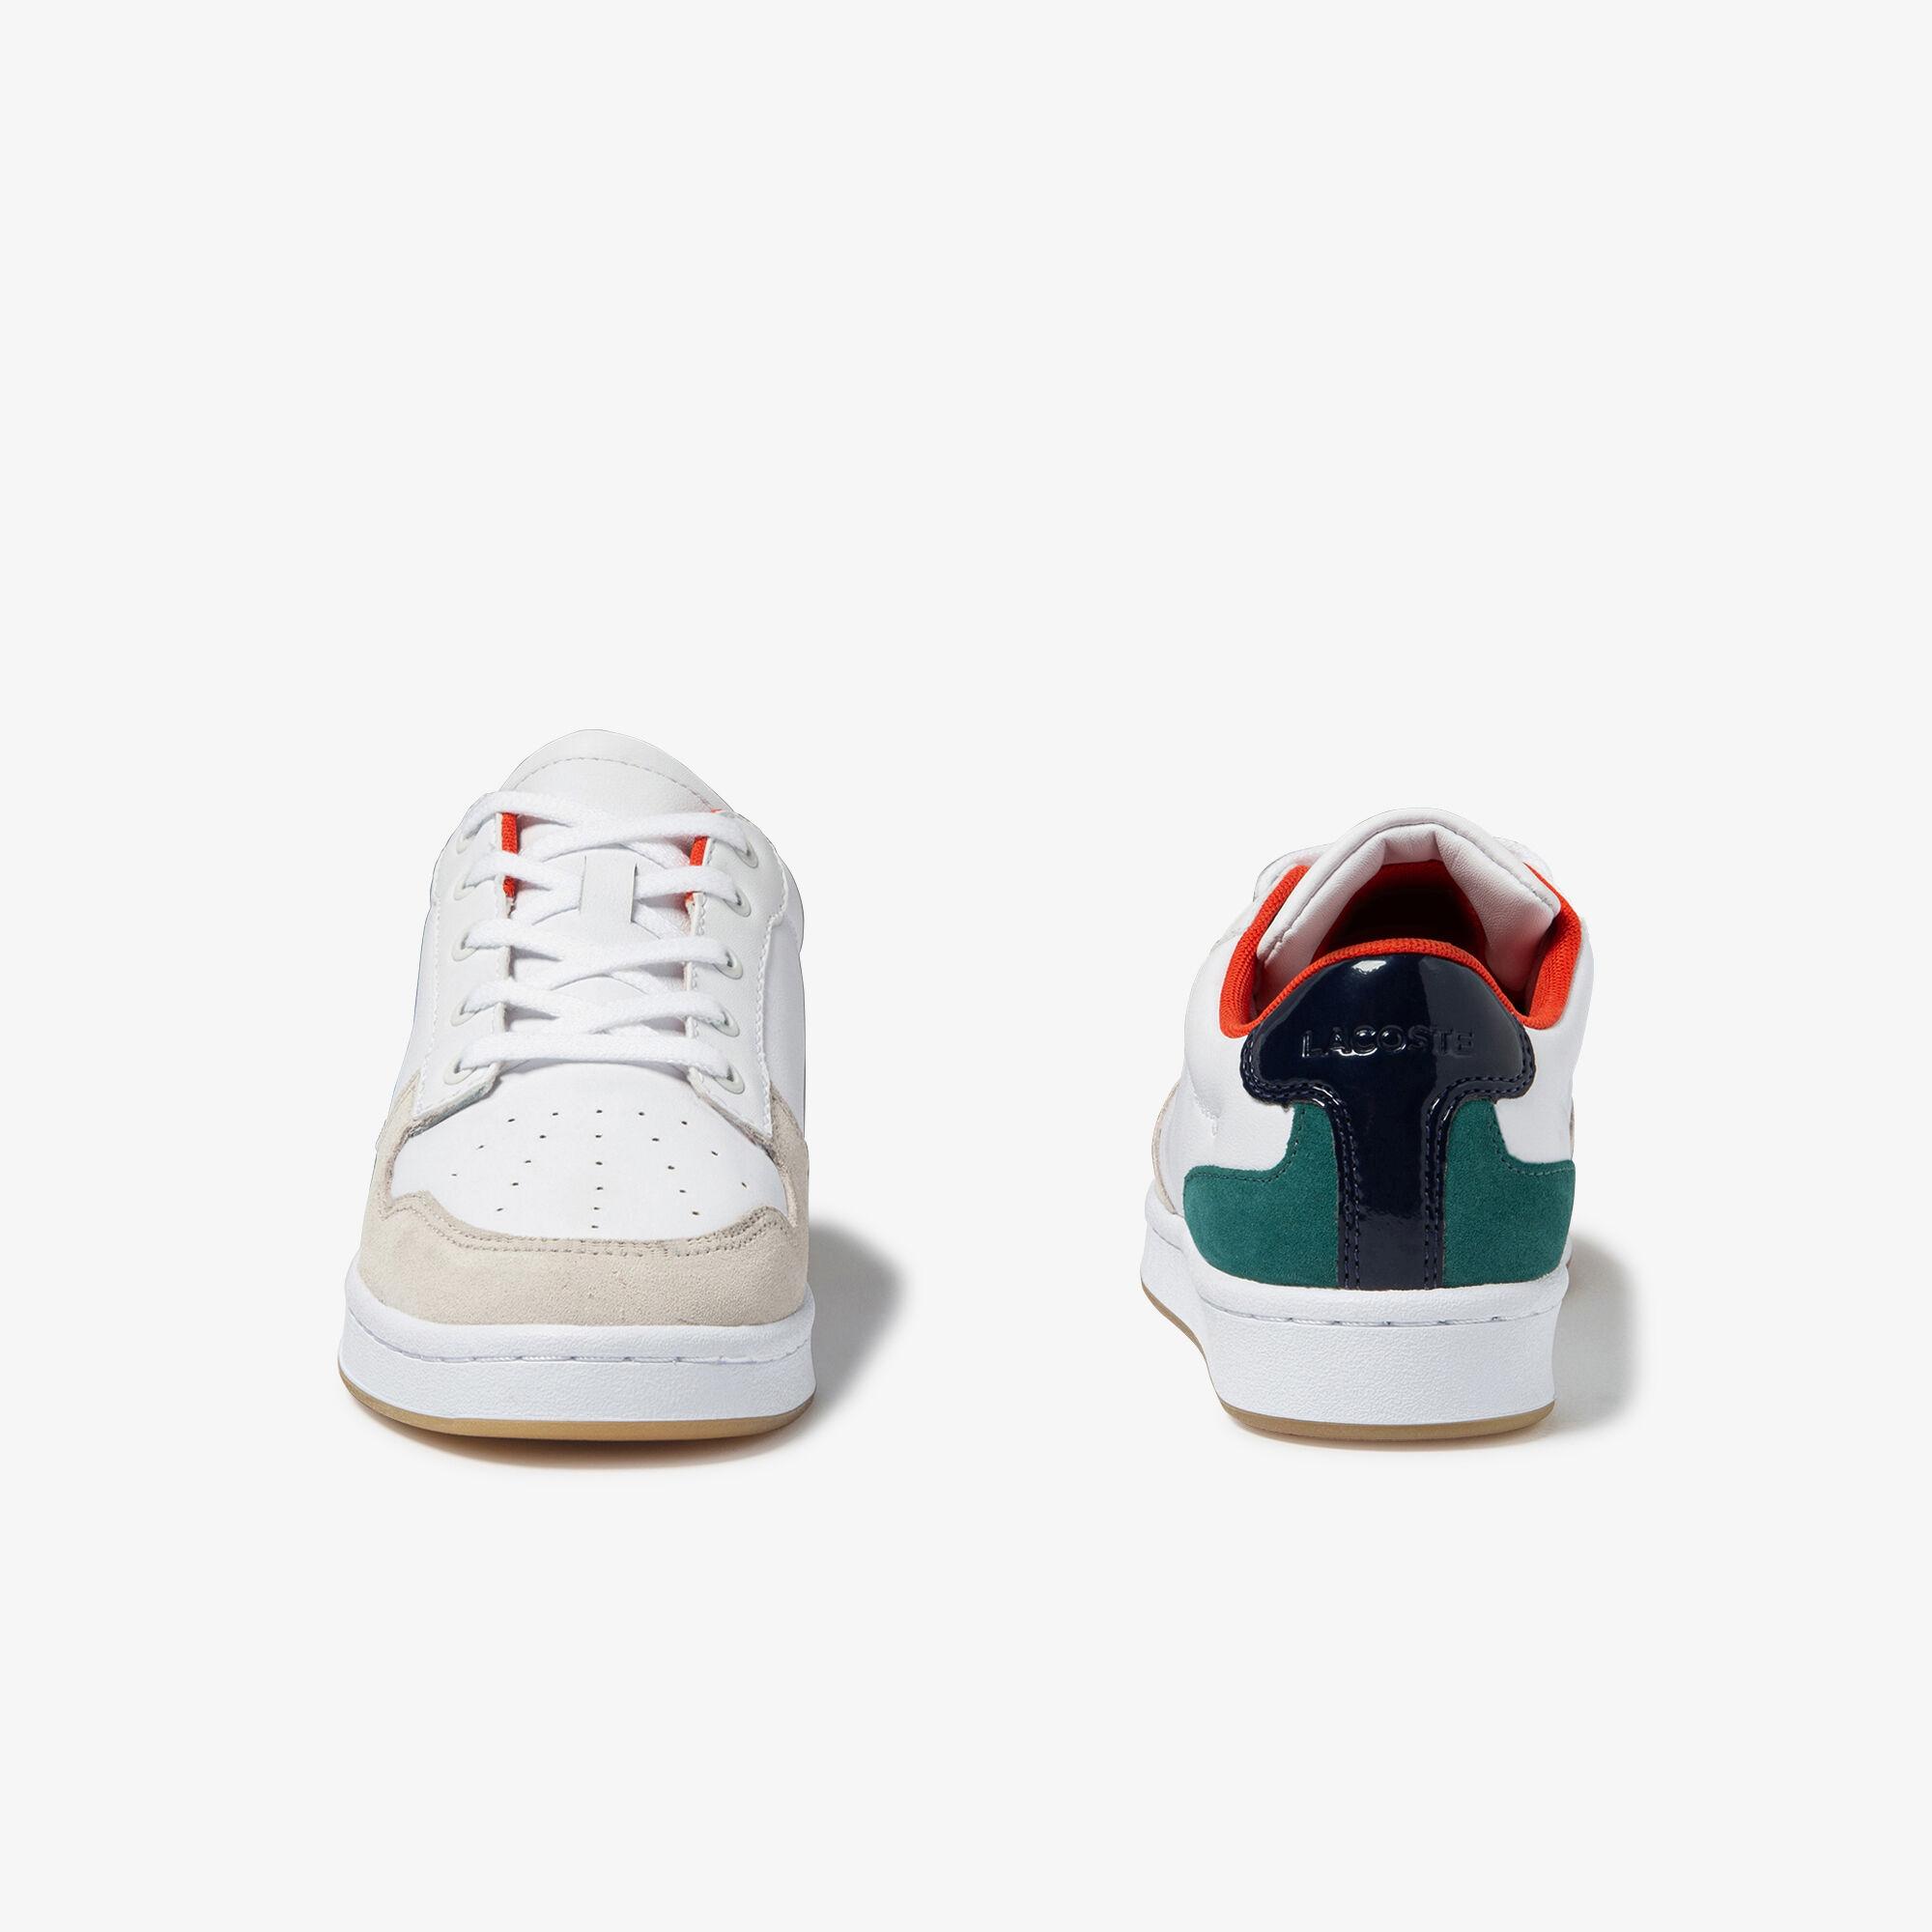 حذاء رياضي للرجال من الجلد والشمواه من مجموعة Masters Cup